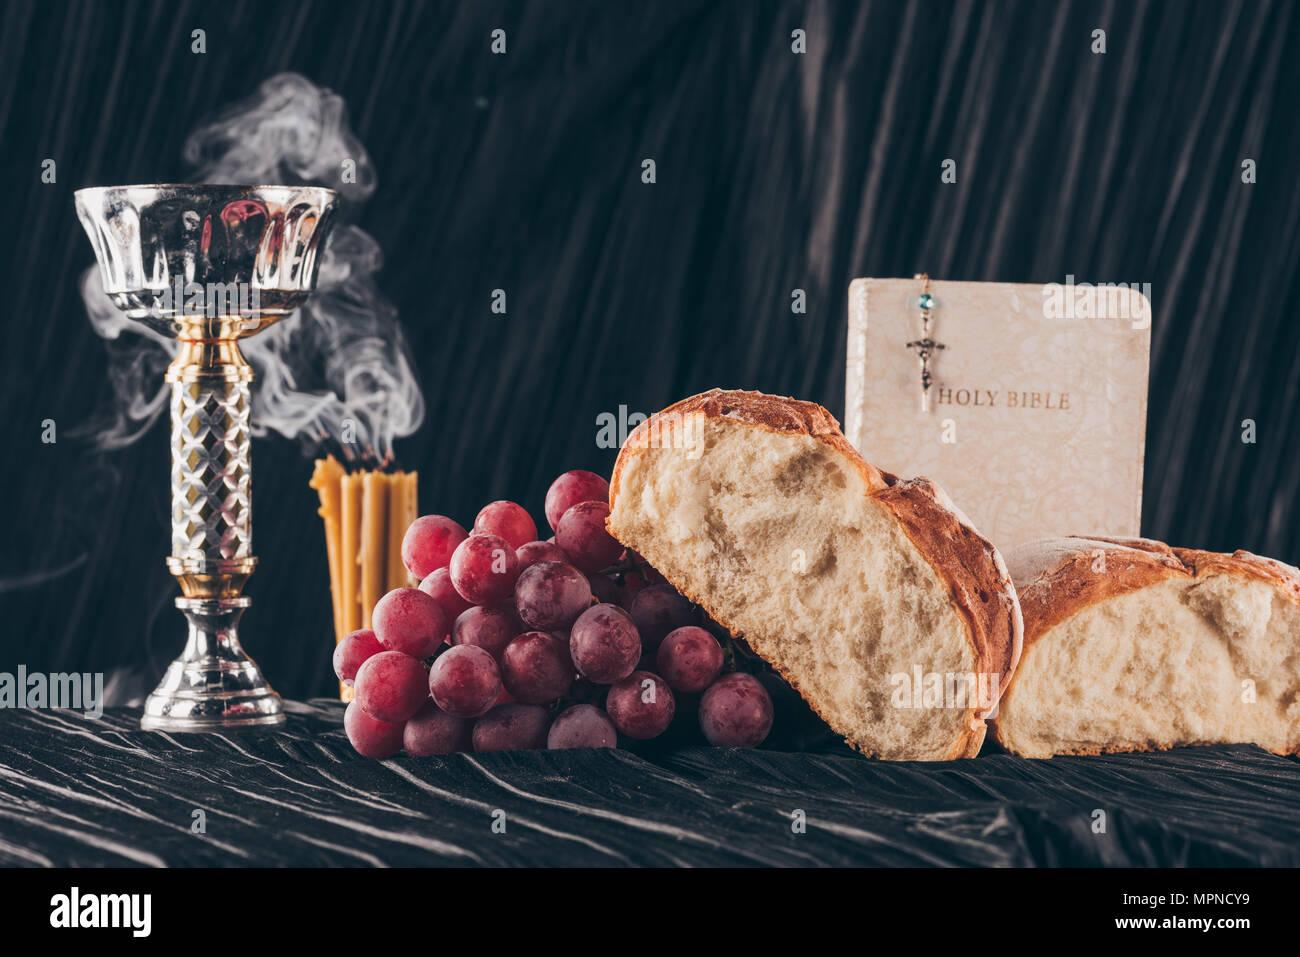 Christliche Kerzen.Brot Kerzen Kelch Und Christliche Kreuz Auf Dunklen